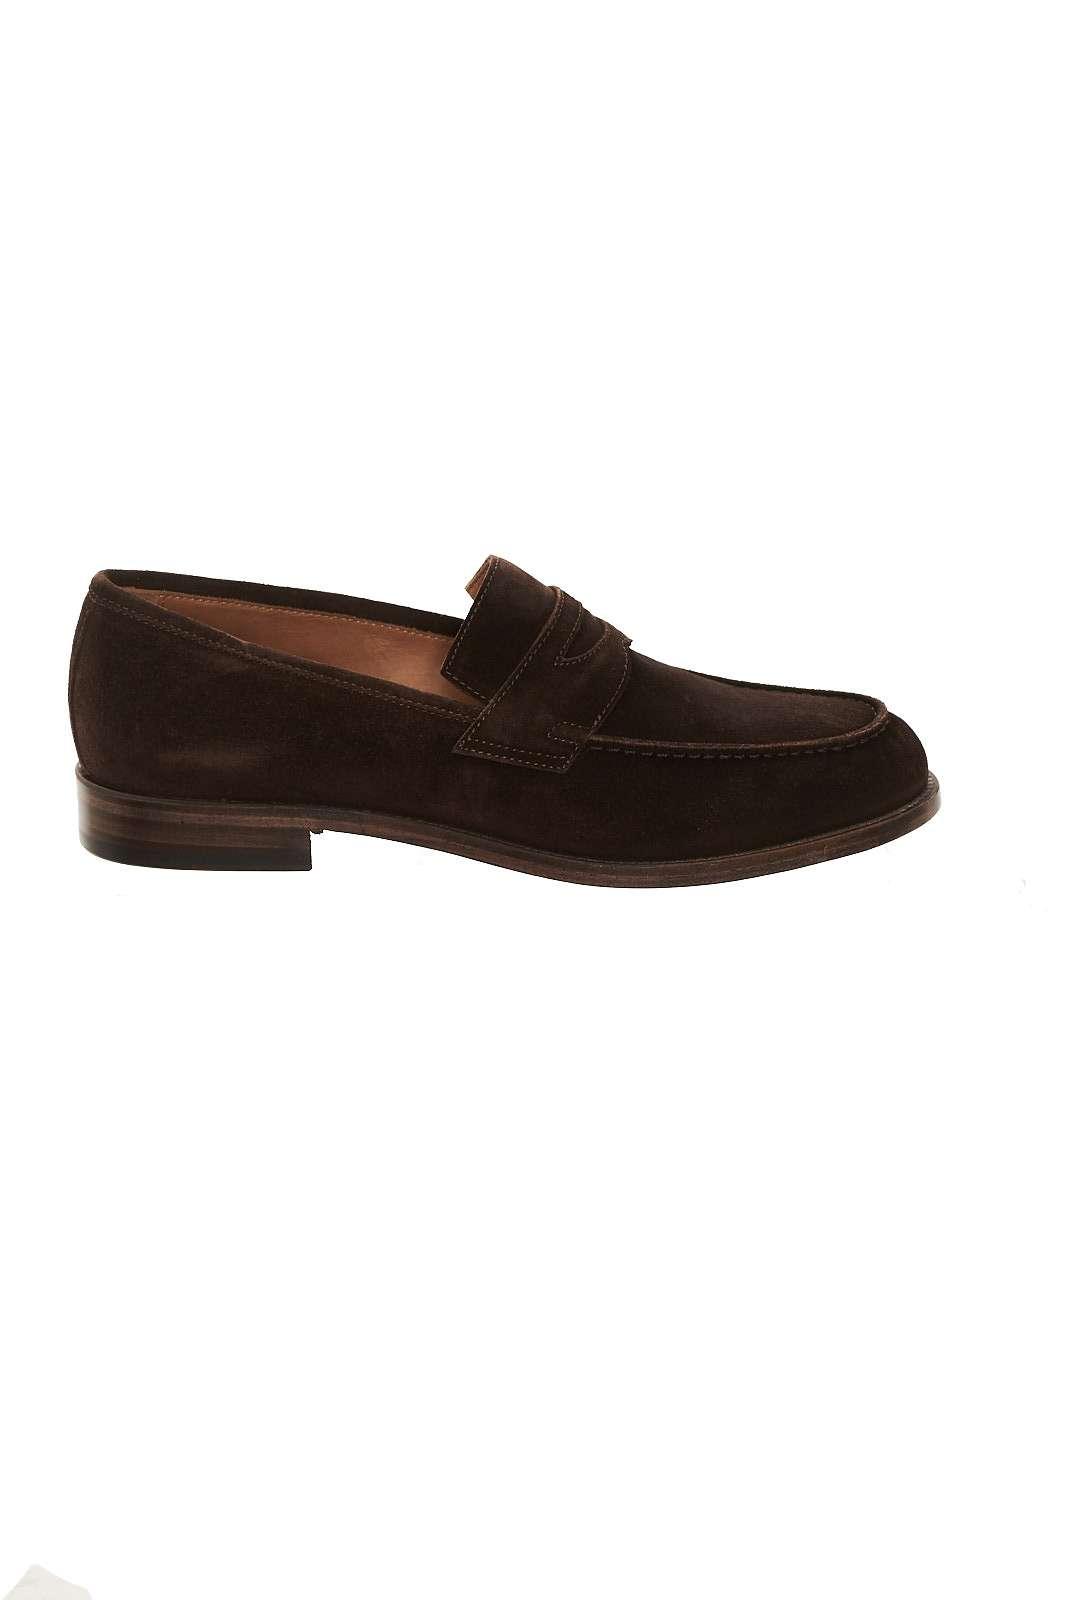 Il mocassino firmato Corvari si conferma un modello classico ma di grande attualità. Per l'uomo che ama imporre uno stile unico ai propri outfit. Vesti con scarpe intramontabili e dai pregiati filati.